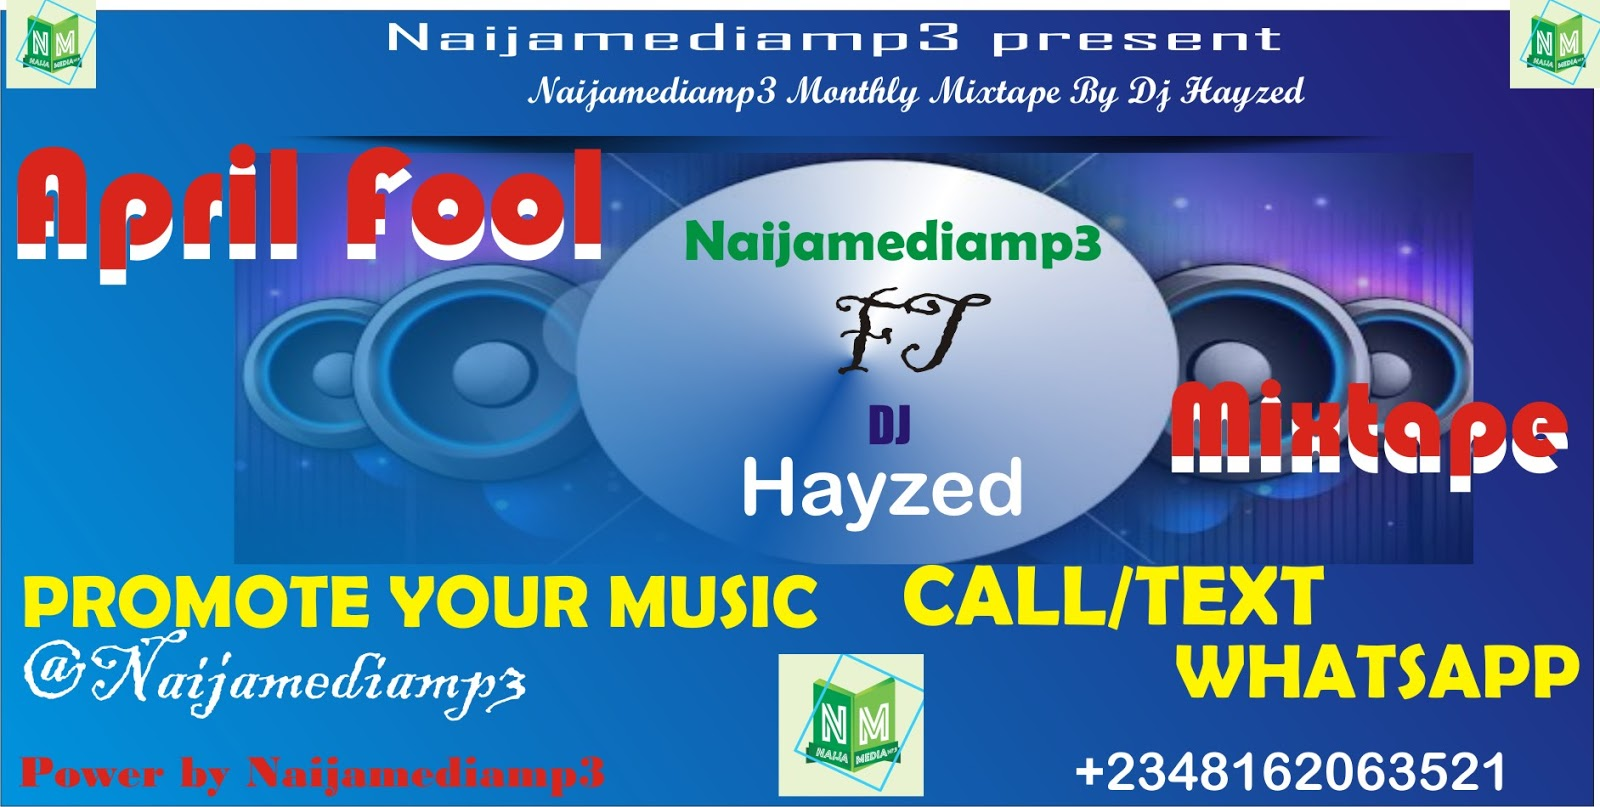 MIXTAPE] Naijamediamp3 X Dj Hayzed April Fool Mix